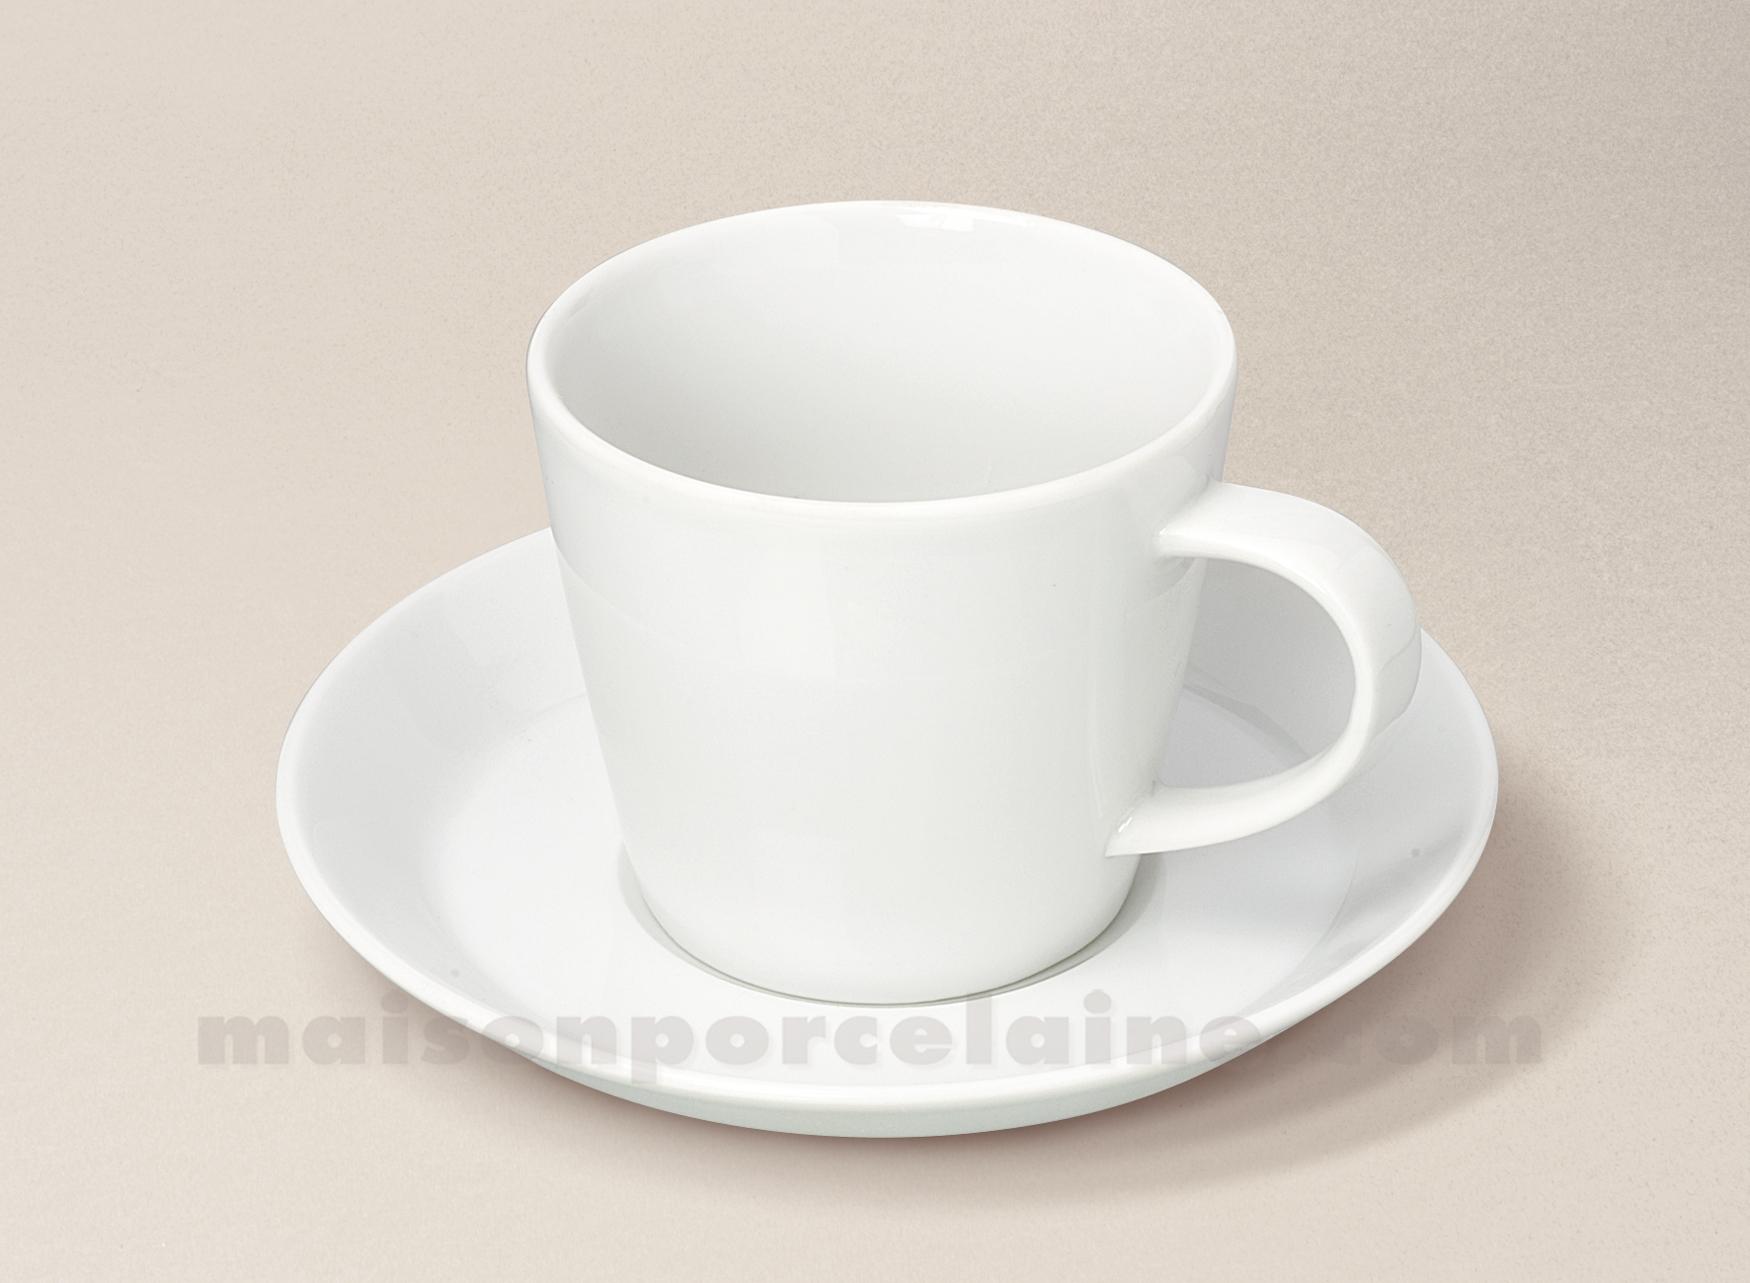 tasse the soucoupe porcelaine blanche trendy 22cl maison de la porcelaine. Black Bedroom Furniture Sets. Home Design Ideas